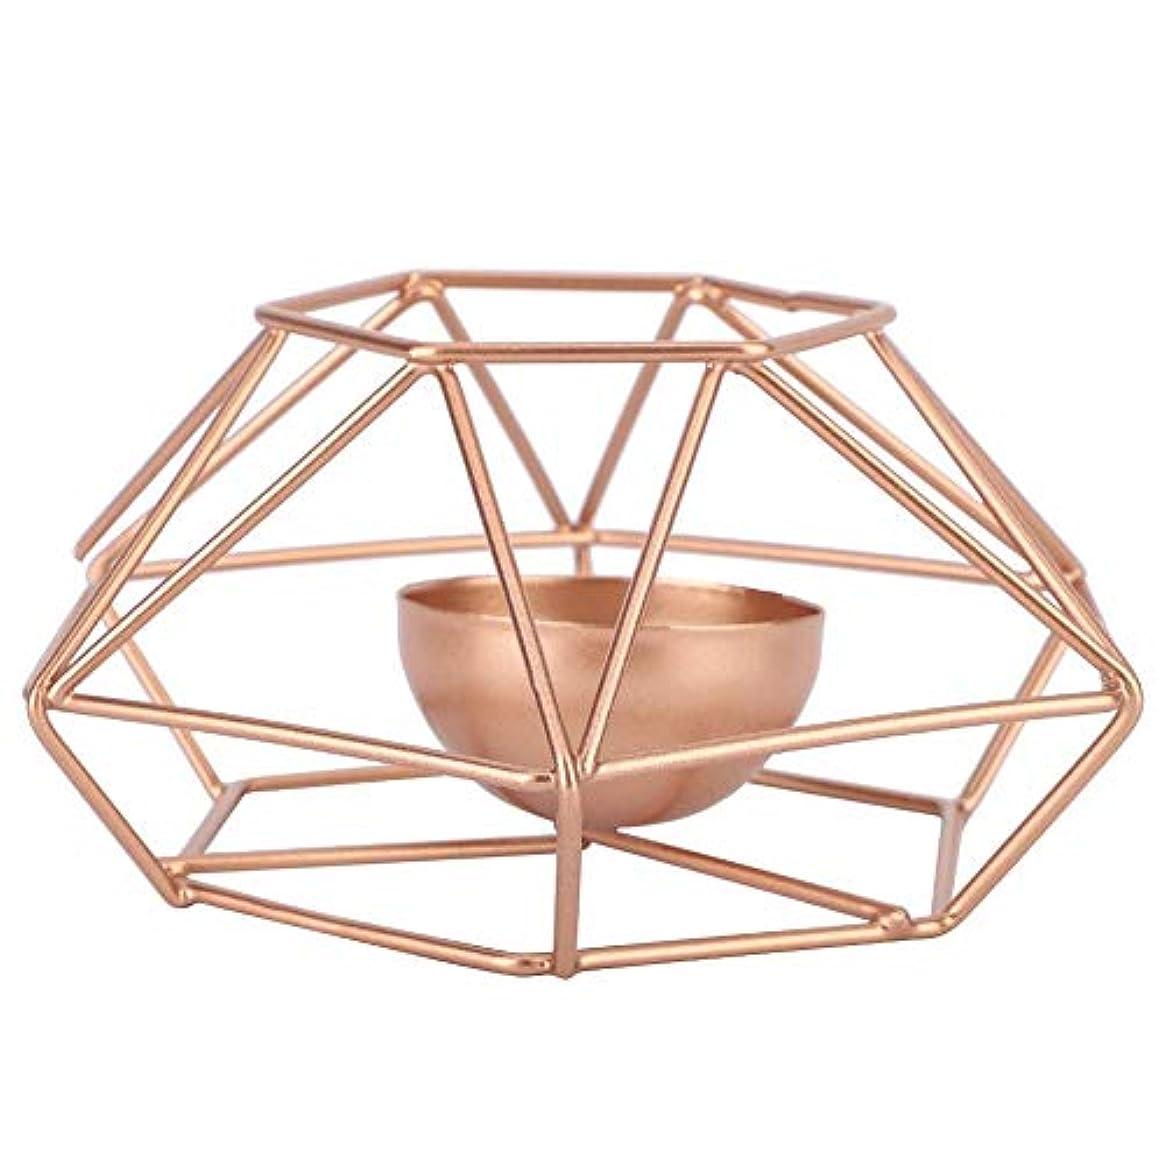 デッキ仕様散歩に行く鉄の燭台、現代スタイルの幾何学的な燭台スタンド鉄の蝋燭ホールダー金家の装飾飾り